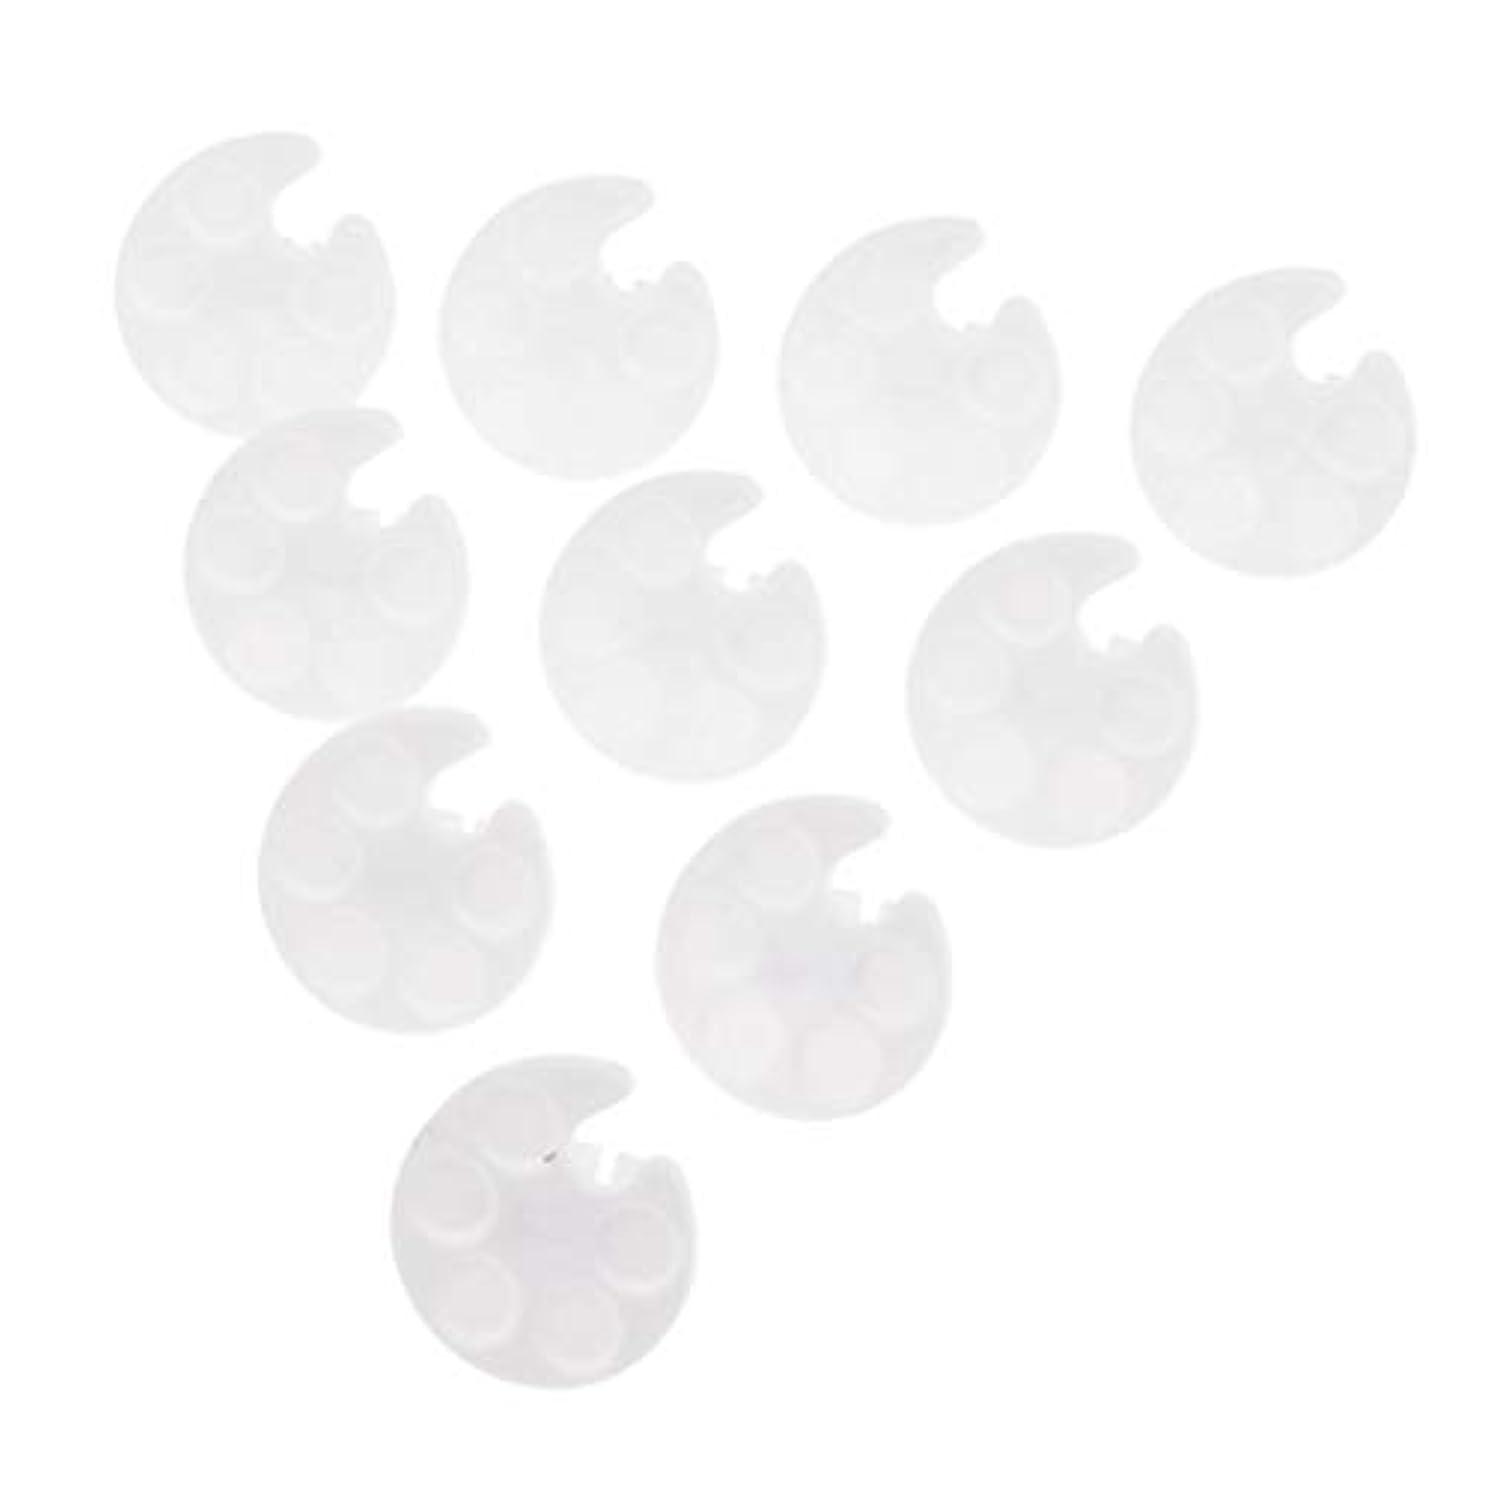 分割王室泣くToygogo 化粧品パレット ネイルパレット ネイルアートパレット カラーミキシング ペイント プラスチック 約10個 - 白